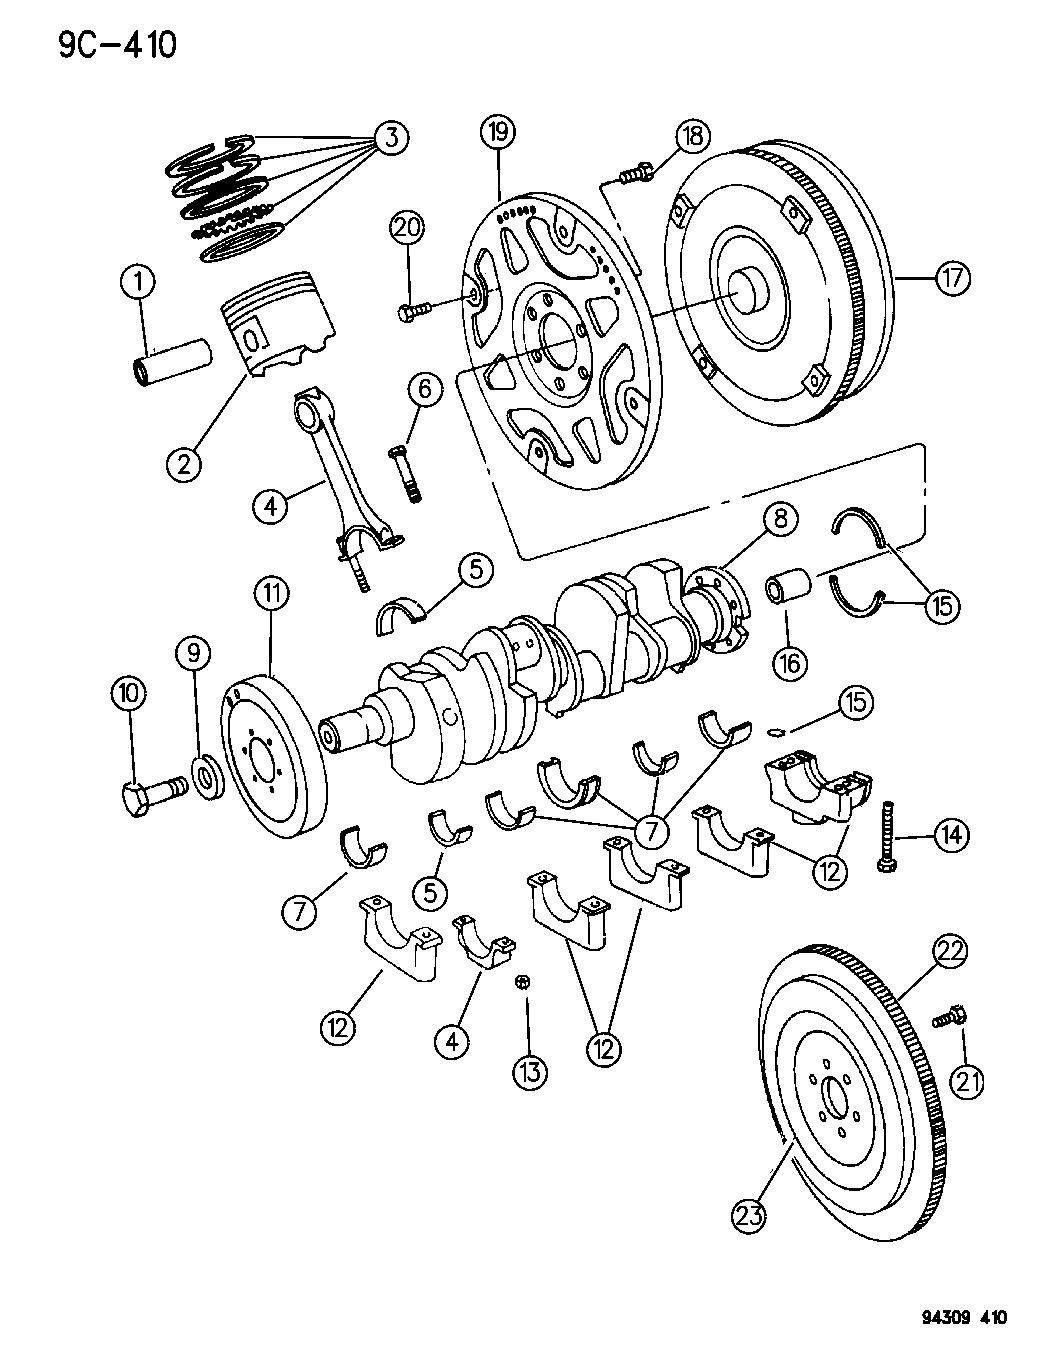 1995 Dodge Ram 3500 Crankshaft, Piston & Flywheel & Torque